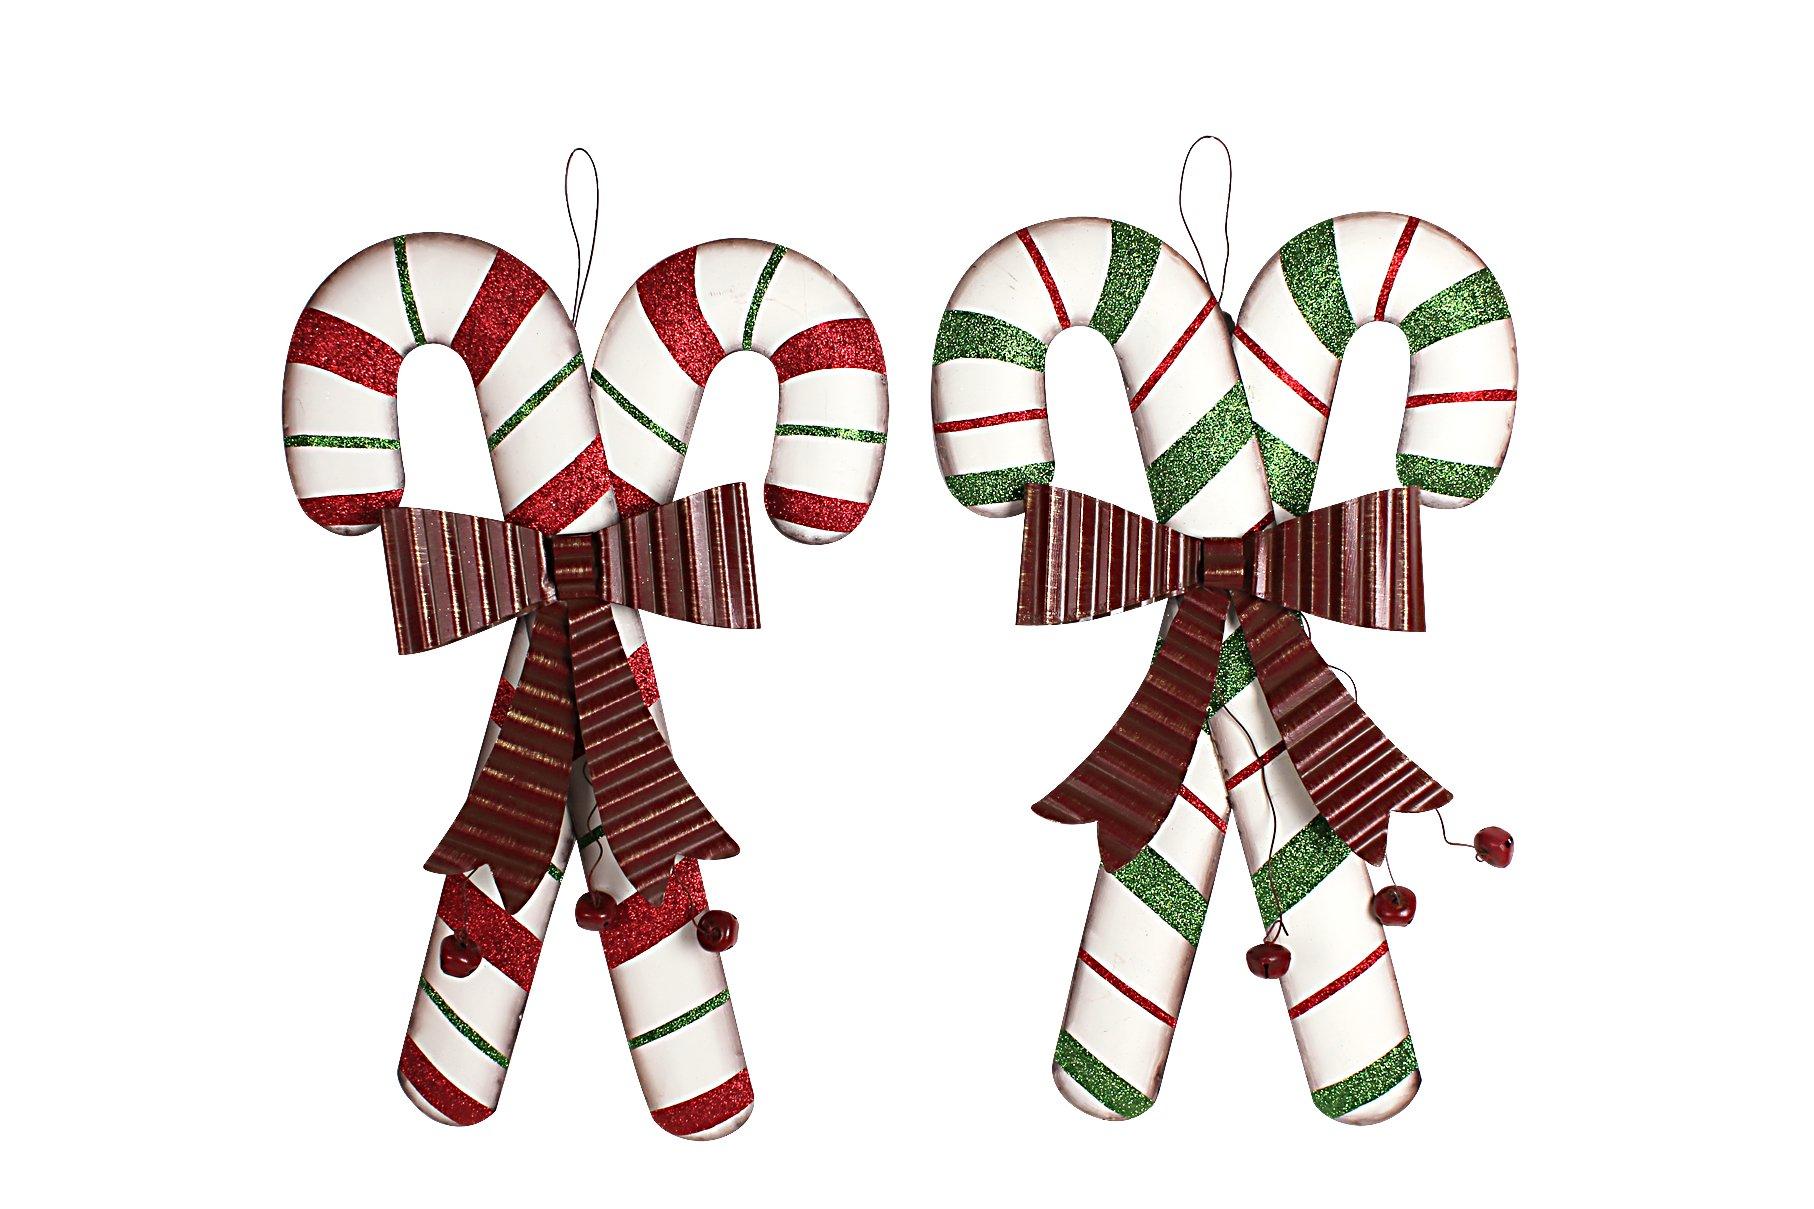 YK Decor Holiday Wonder Cane Wall Hanging Chrismast Gift